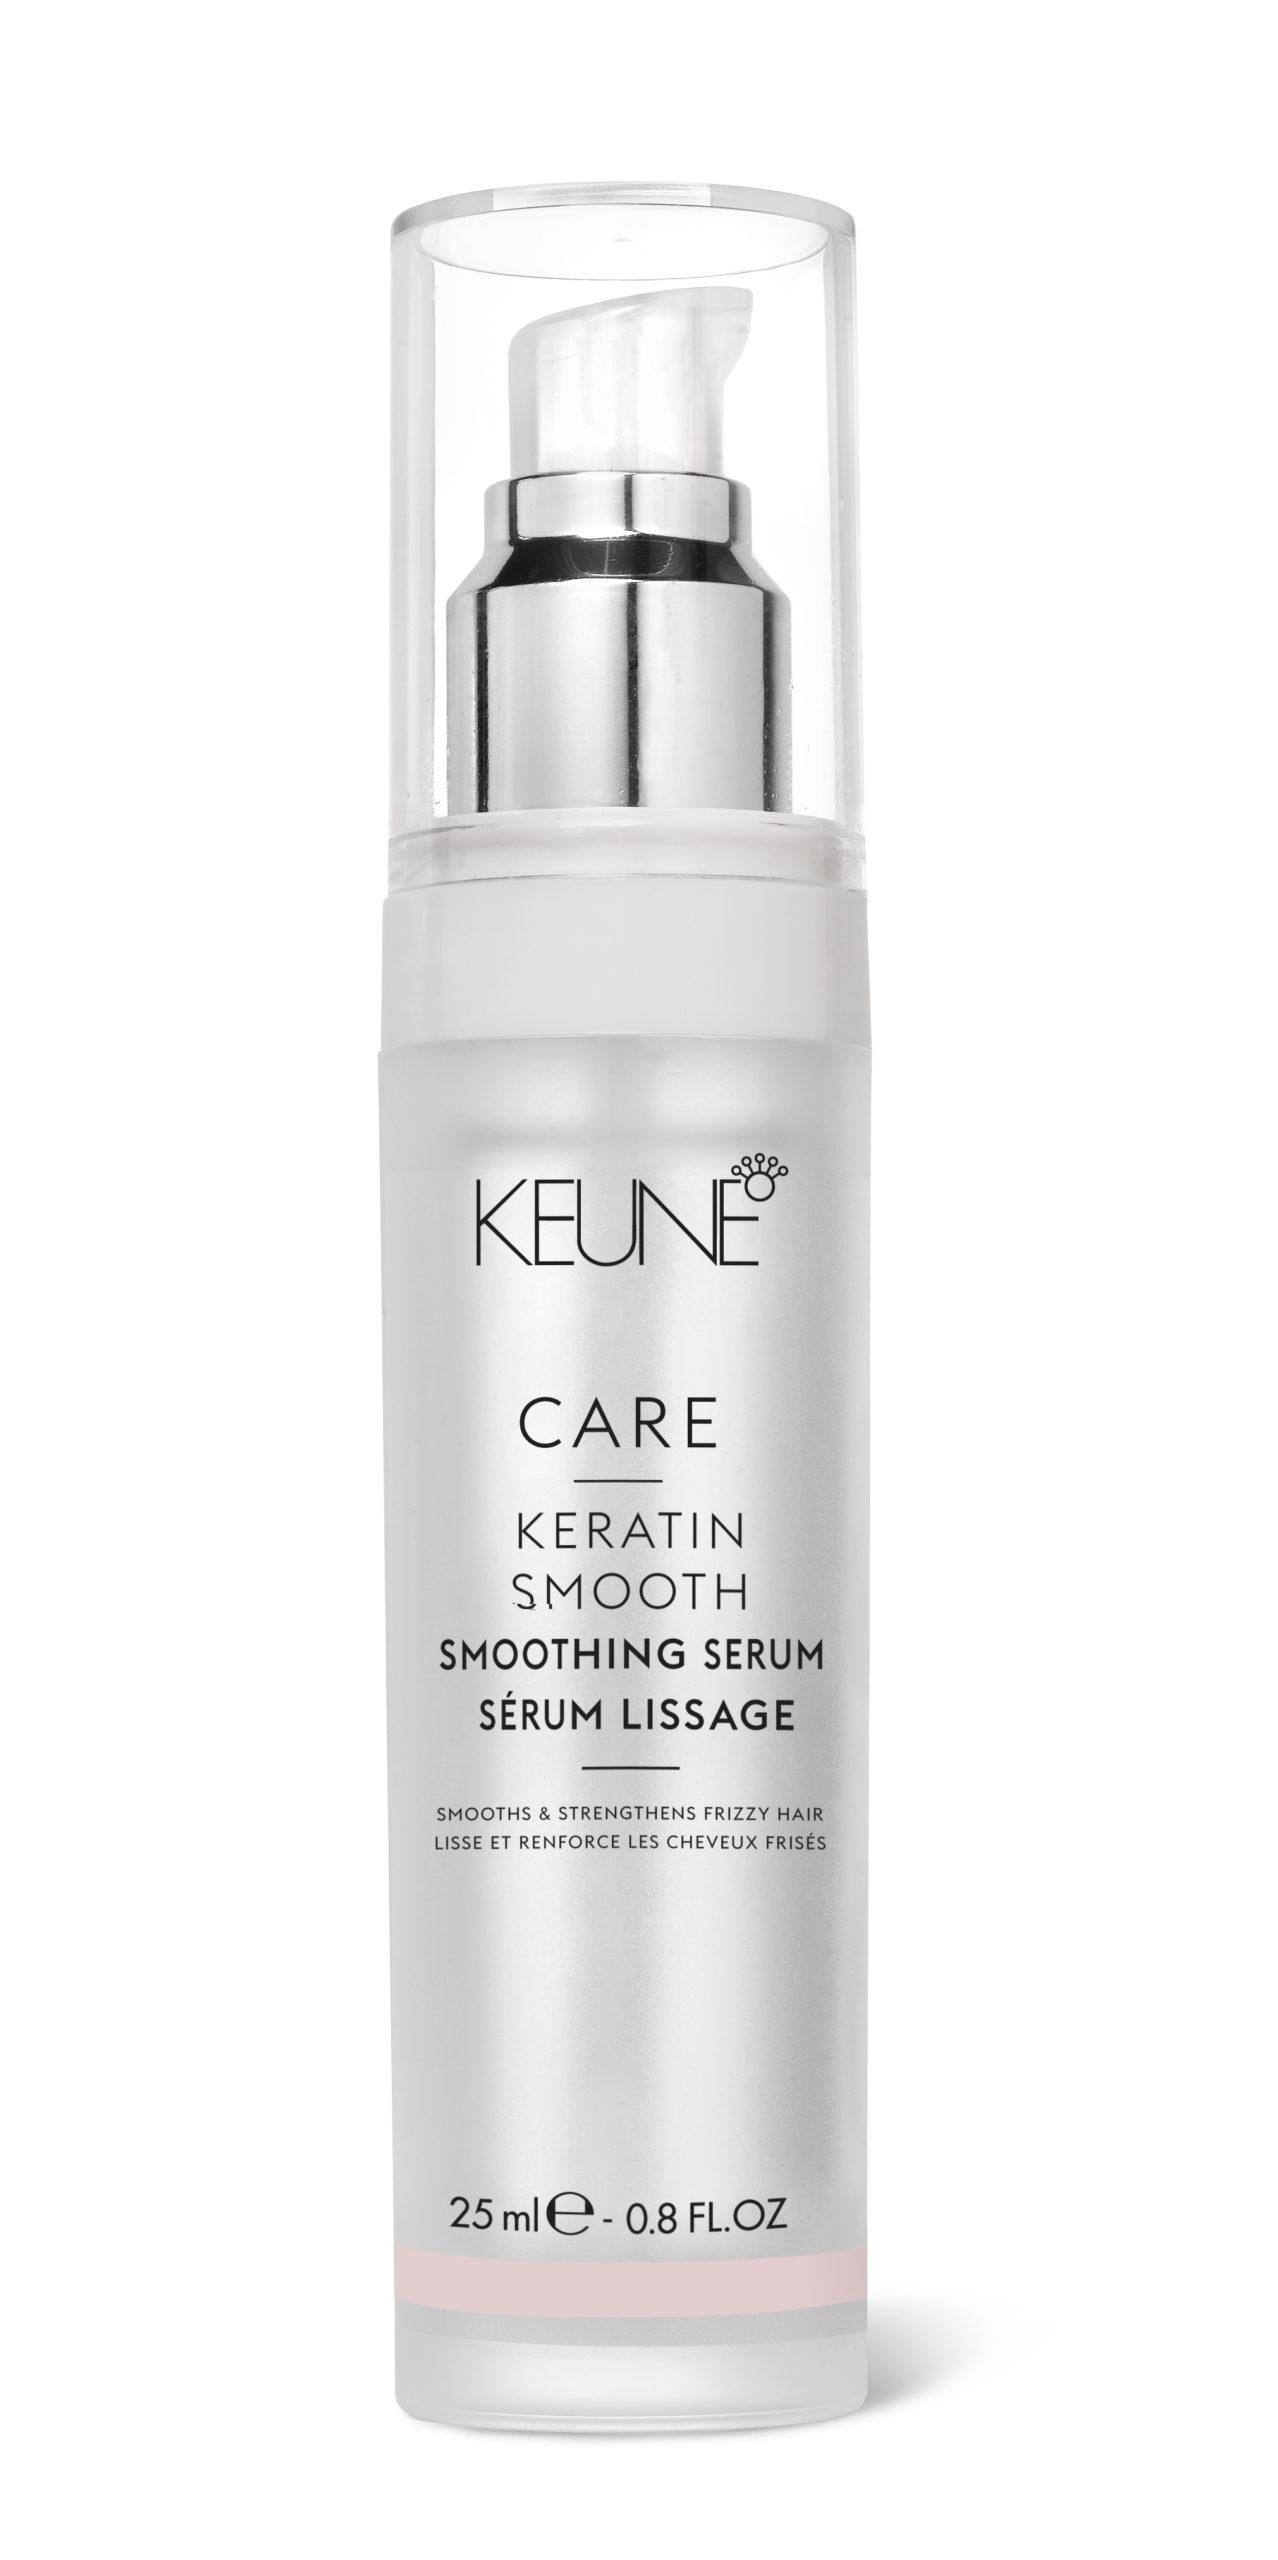 Care-Keratin-Smooth-Smoothing-Serum-25ml-high-res